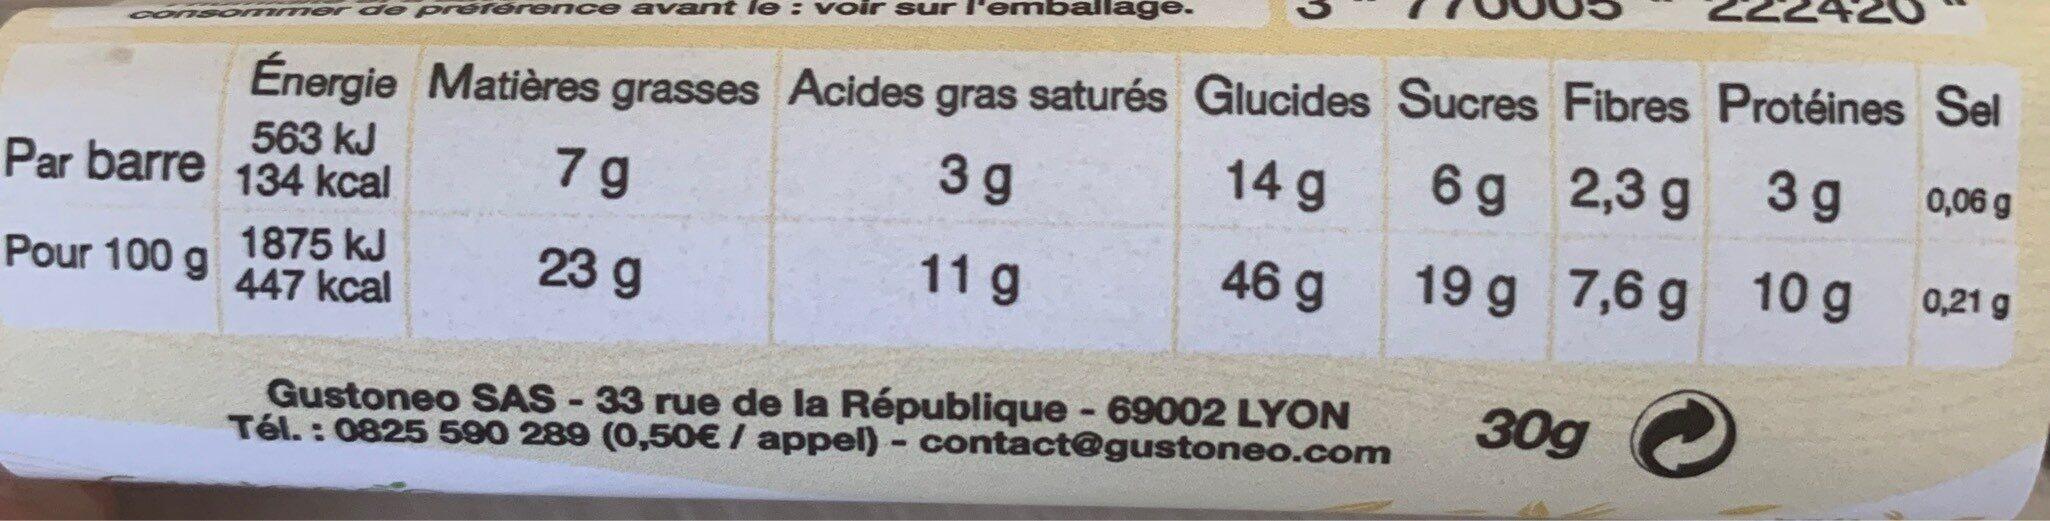 Barre de céréales - Informations nutritionnelles - fr